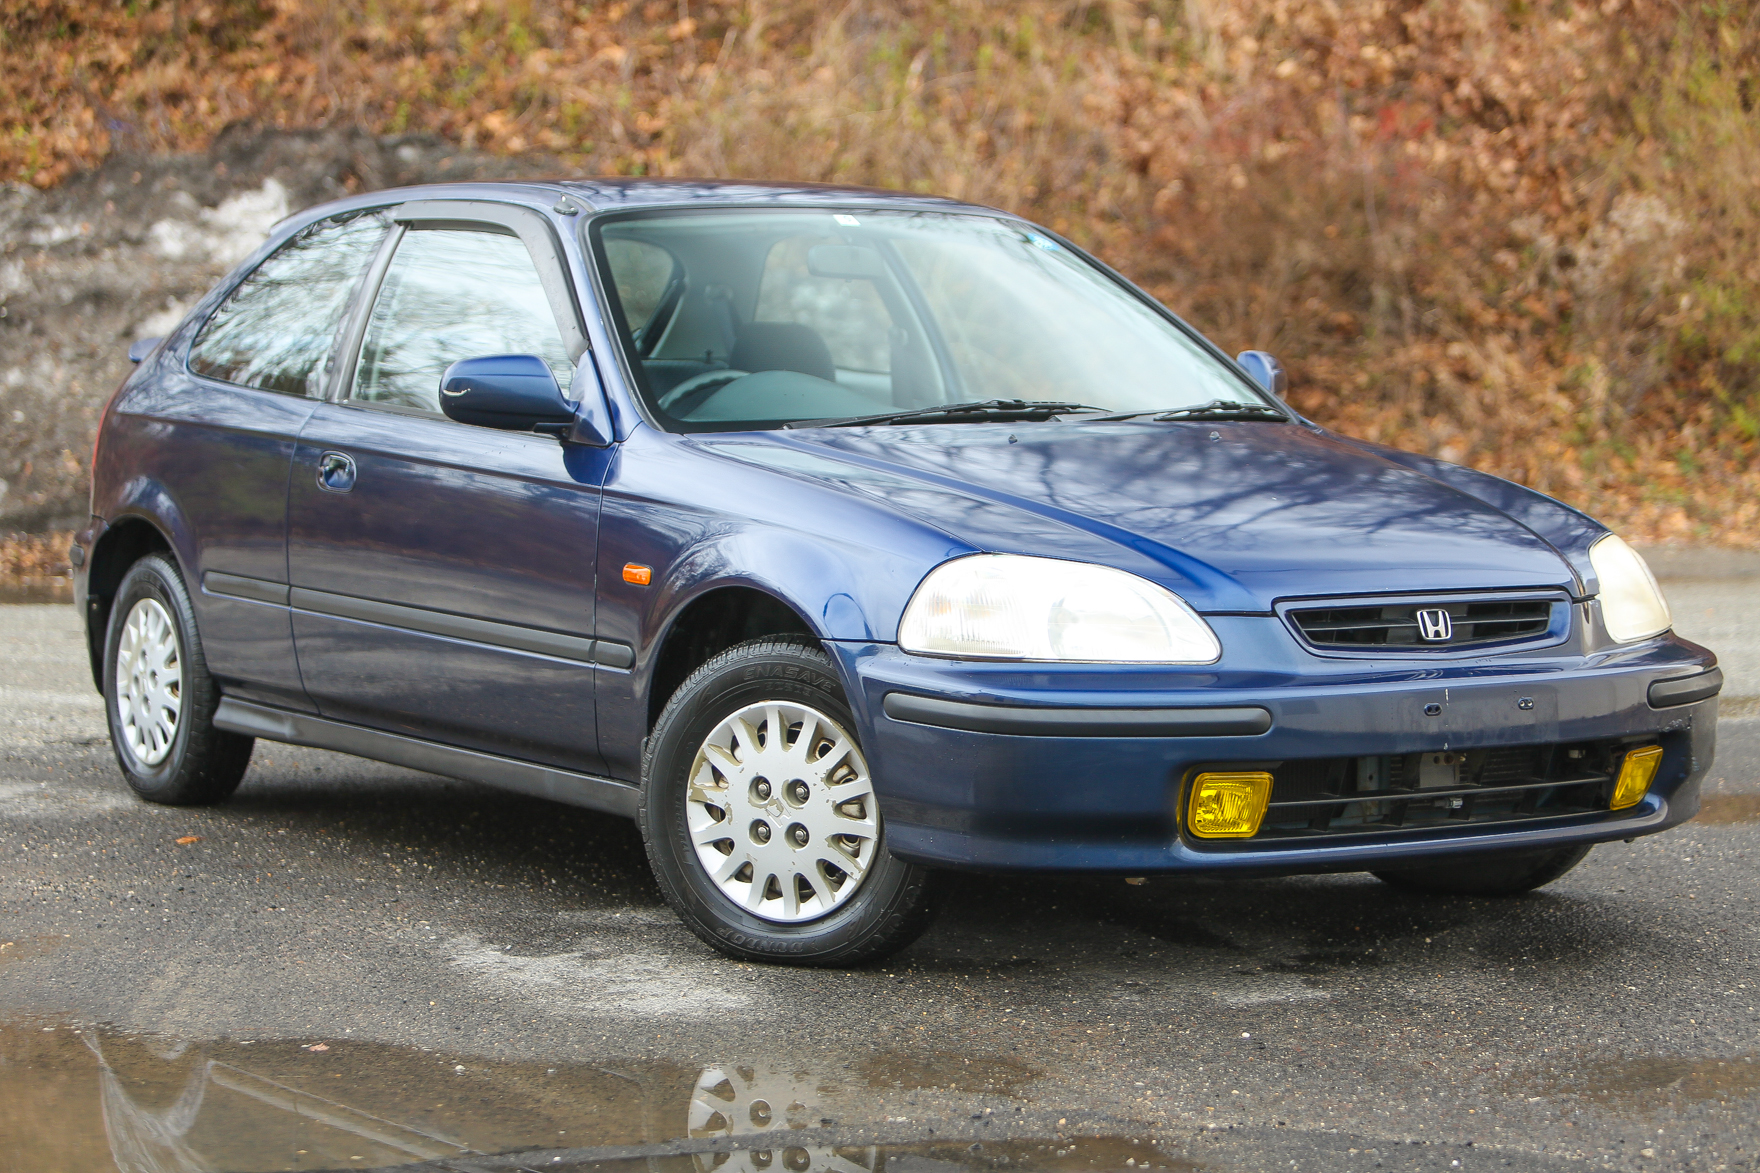 1996 Honda Civic EK Hatch - $9,500